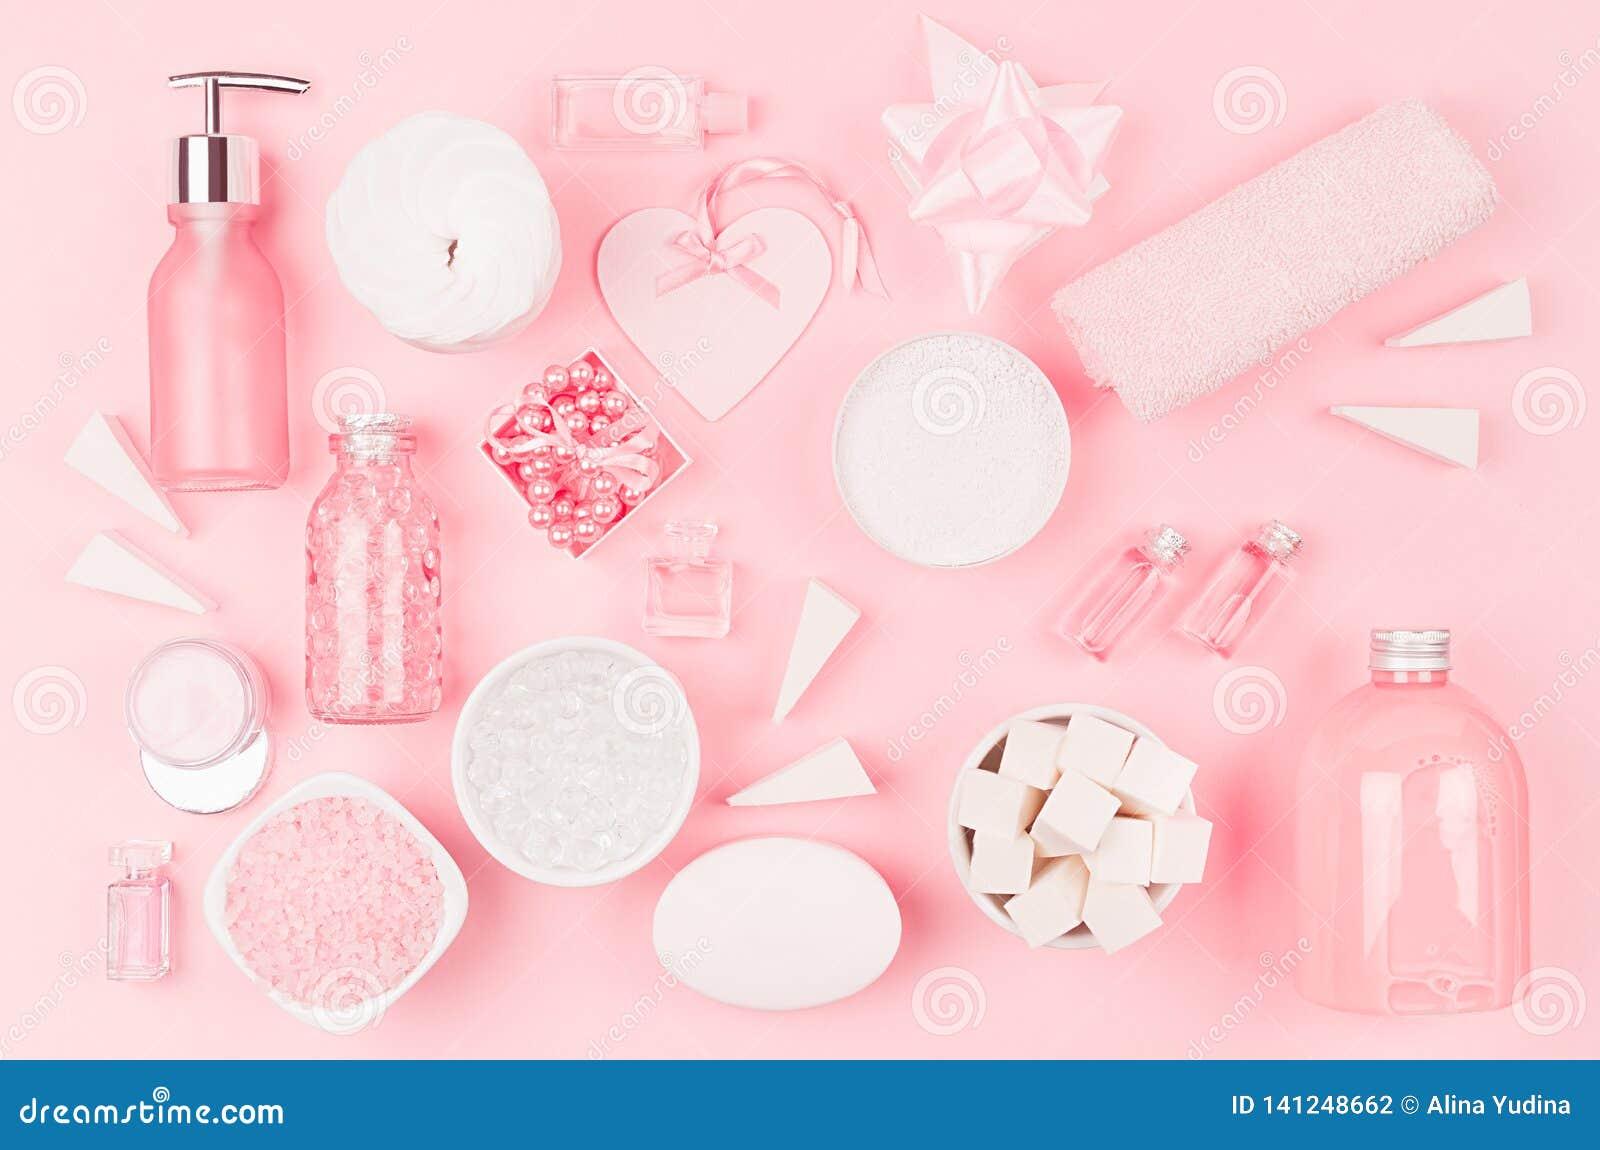 Diversos productos y accesorios cosméticos en rosa y color plata como modelo decorativo en el fondo rosa claro suave, visión supe